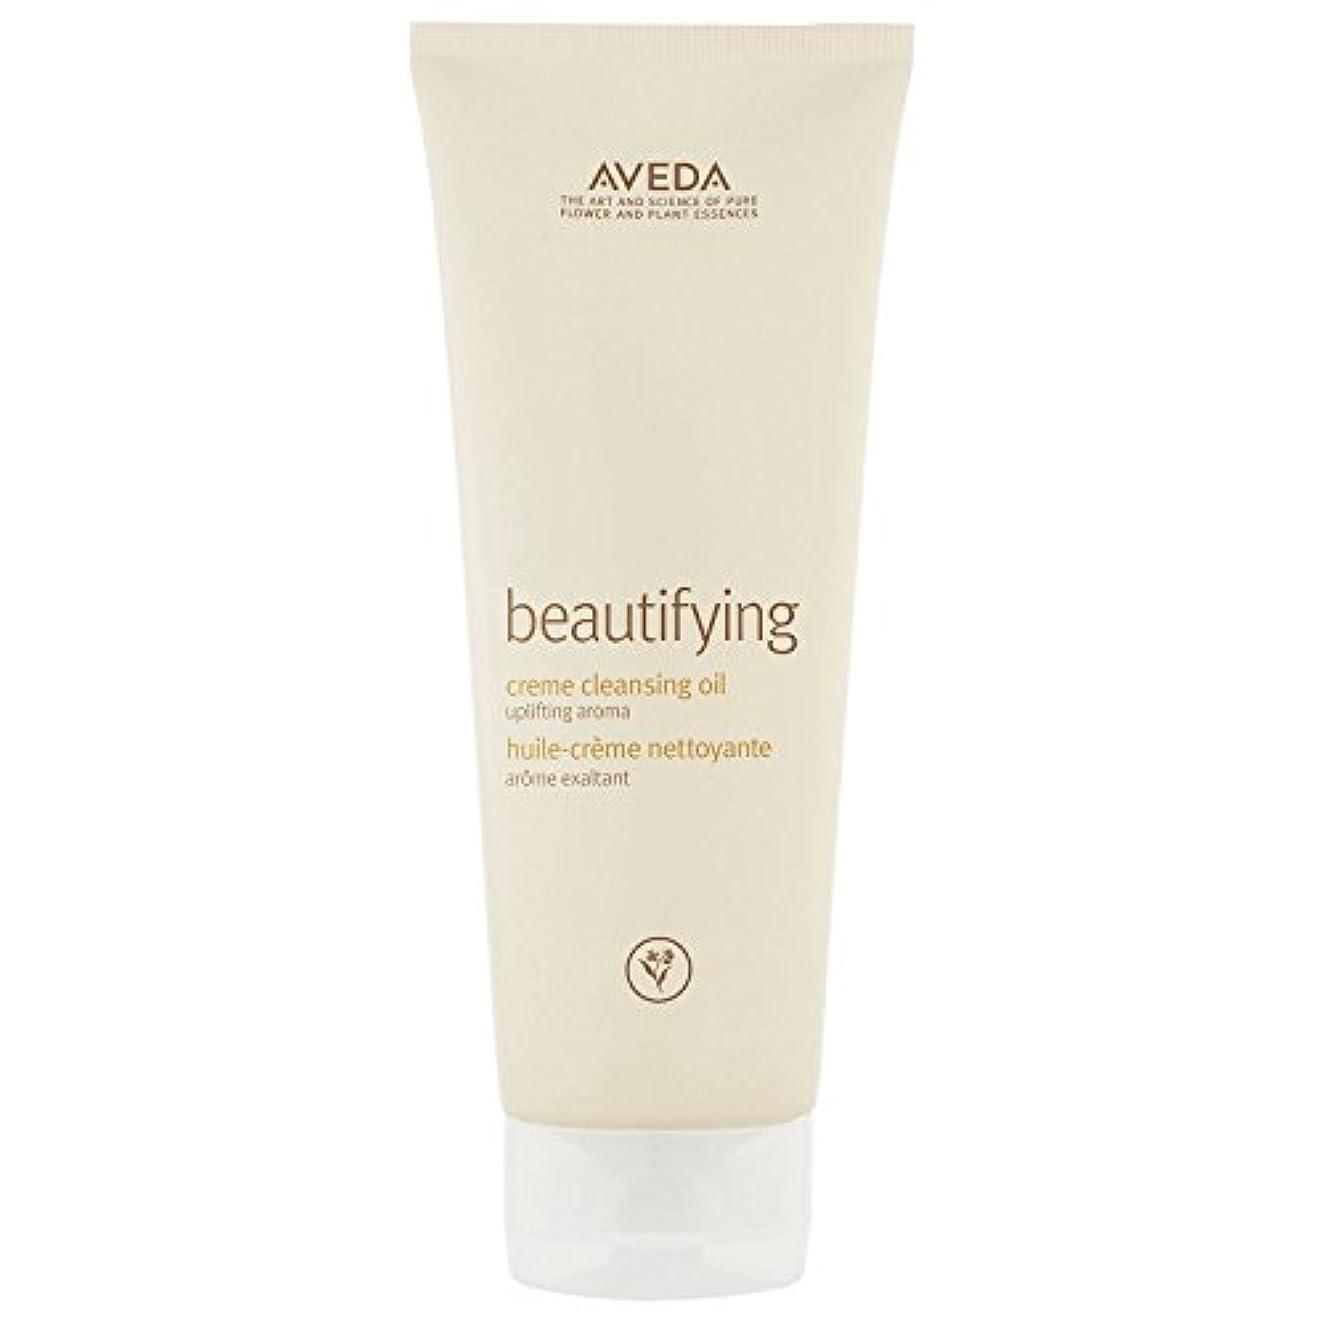 実験財団居眠りする[AVEDA] アヴェダクリームボディクレンザーオイル200ミリリットルを美化 - Aveda Beautifying Cream Body Cleanser Oil 200ml [並行輸入品]